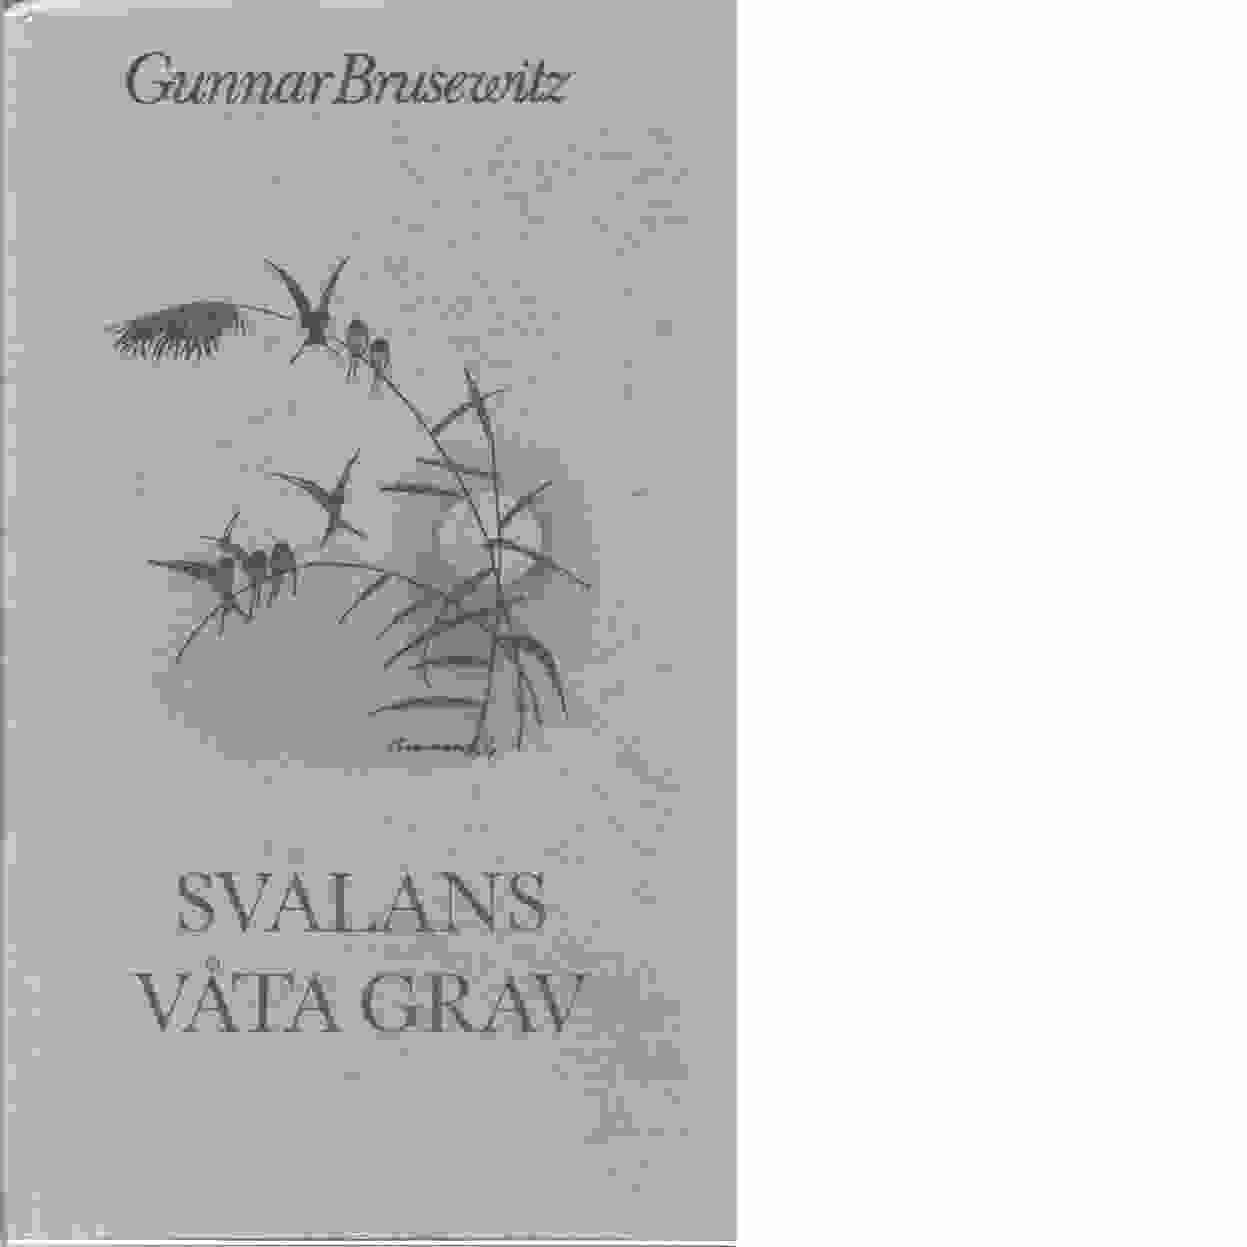 Svalans våta grav - Brusewitz, Gunnar